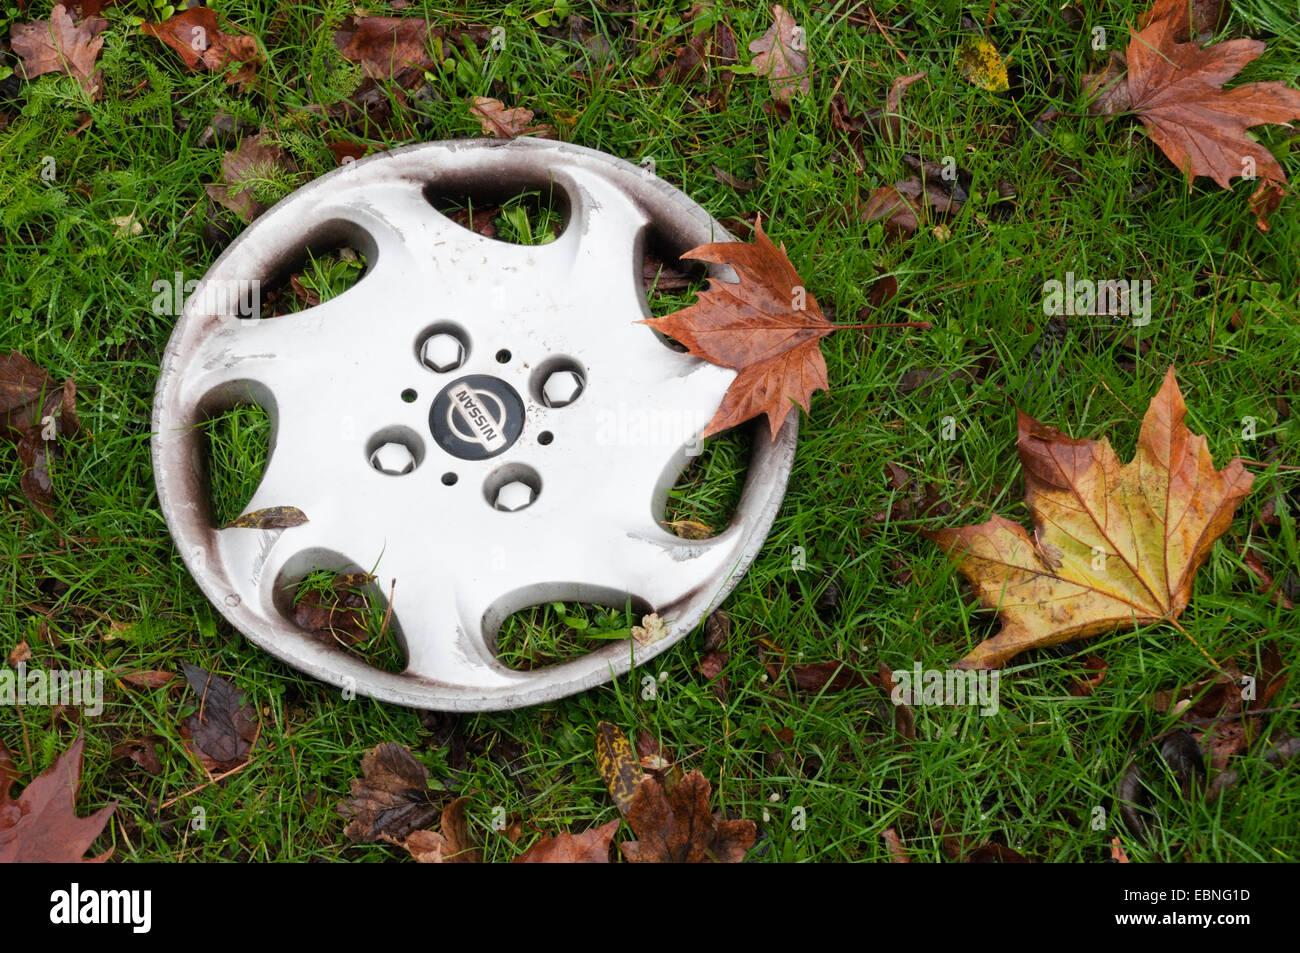 Eine verlorene Radkappe auf einer Kante am Straßenrand liegen. Stockbild